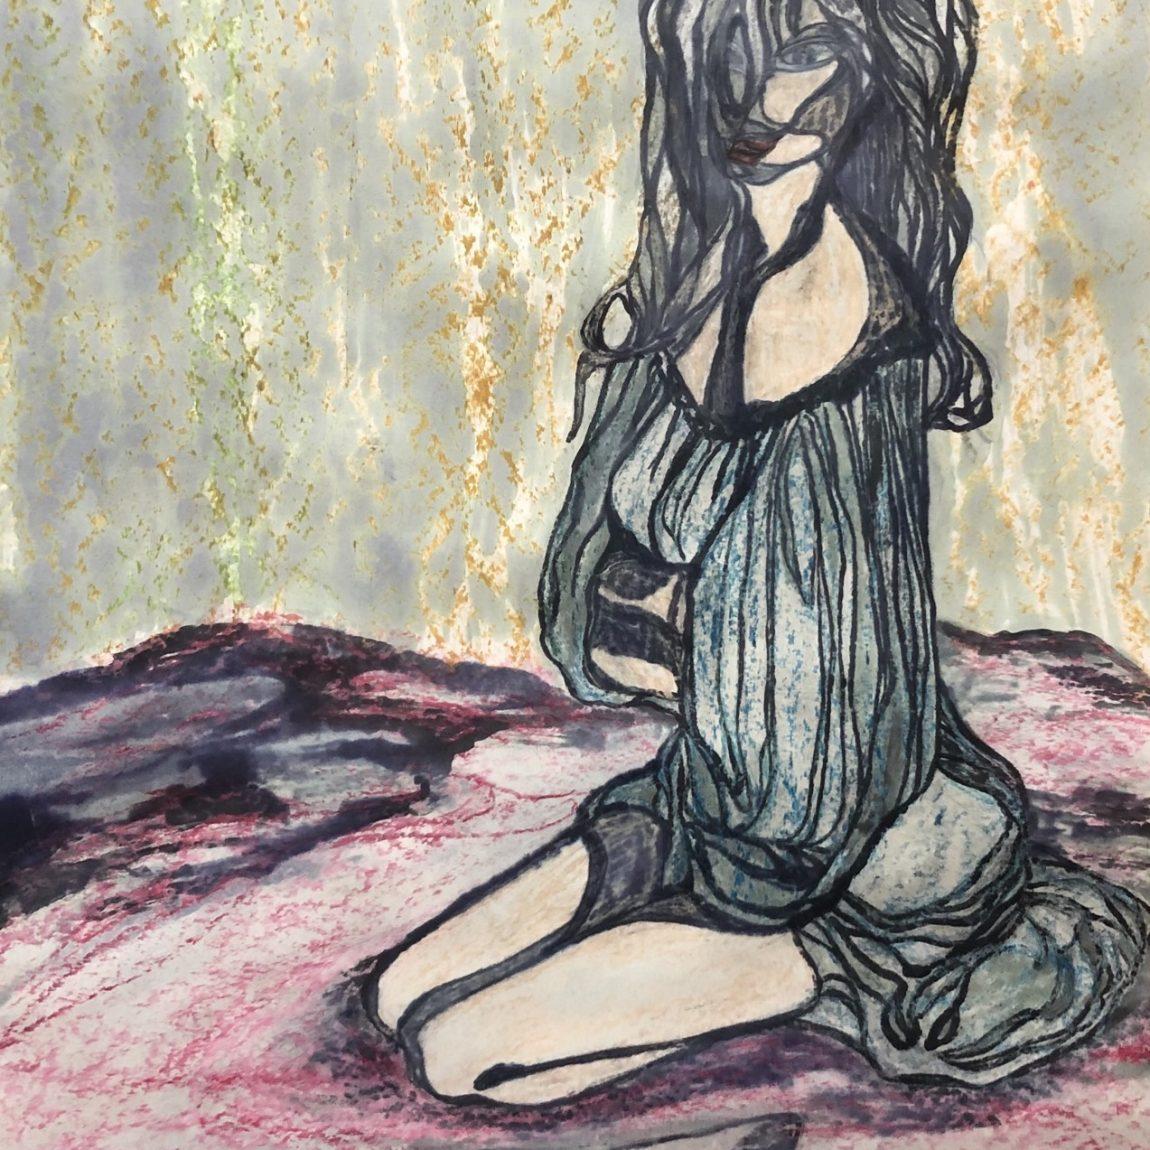 NİLGÜN TEMİZ - Eser Adı : Kadın   Teknik: Kağıt Üzeri Mürekkep/ Pastel boya Ölçü: 37,5 x 56,5  cm  Fiyat : 1.416 TL